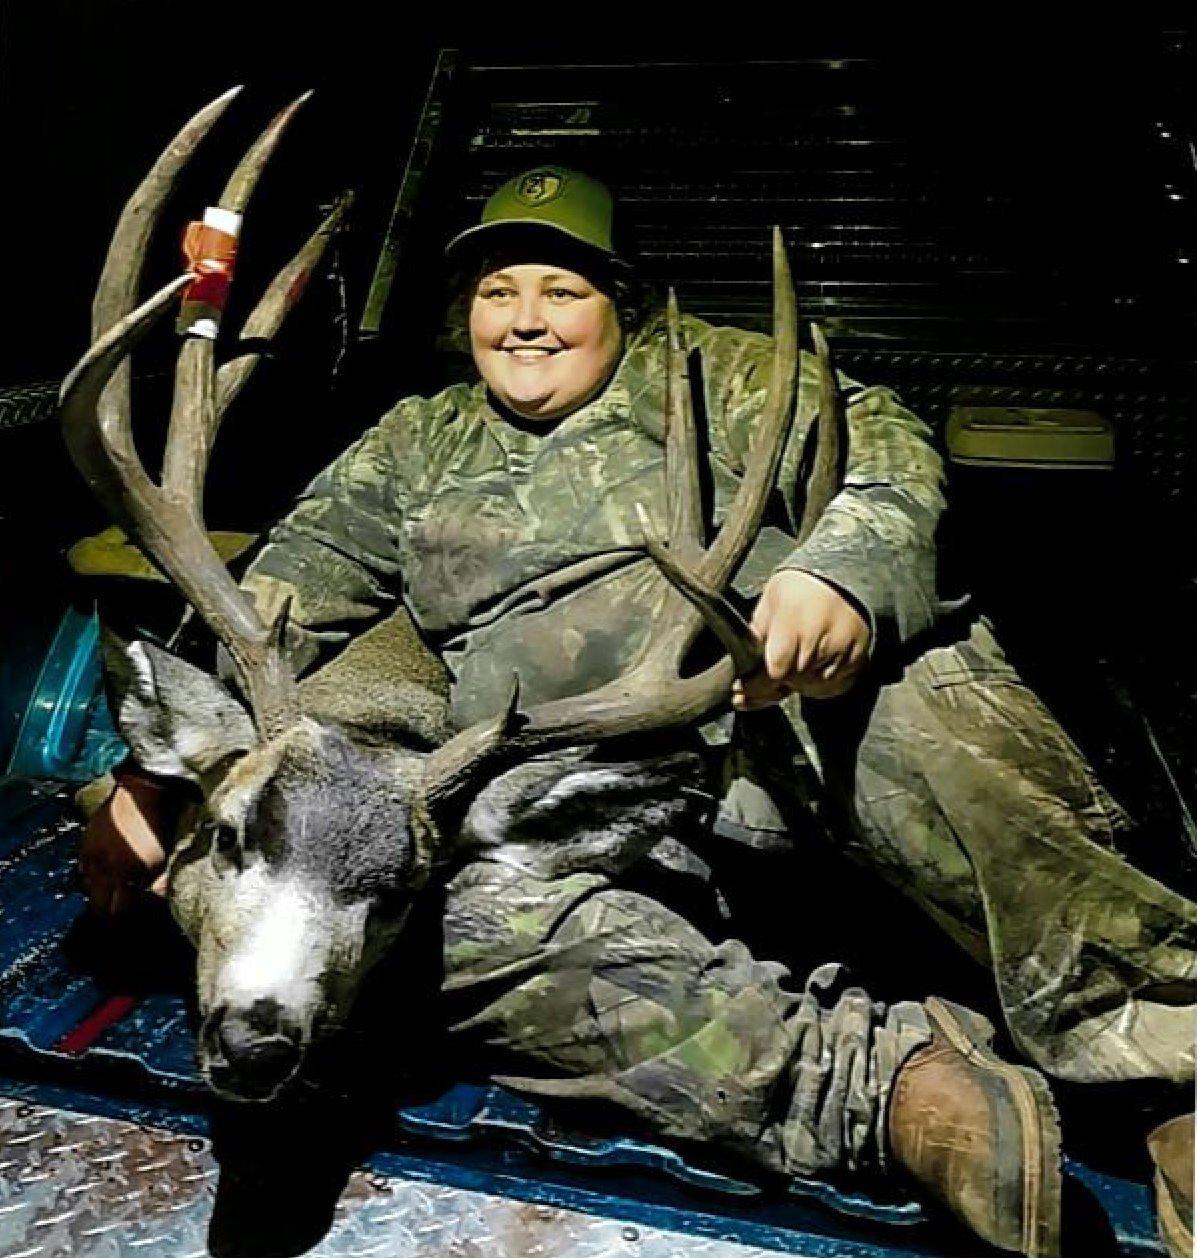 Hunting tags